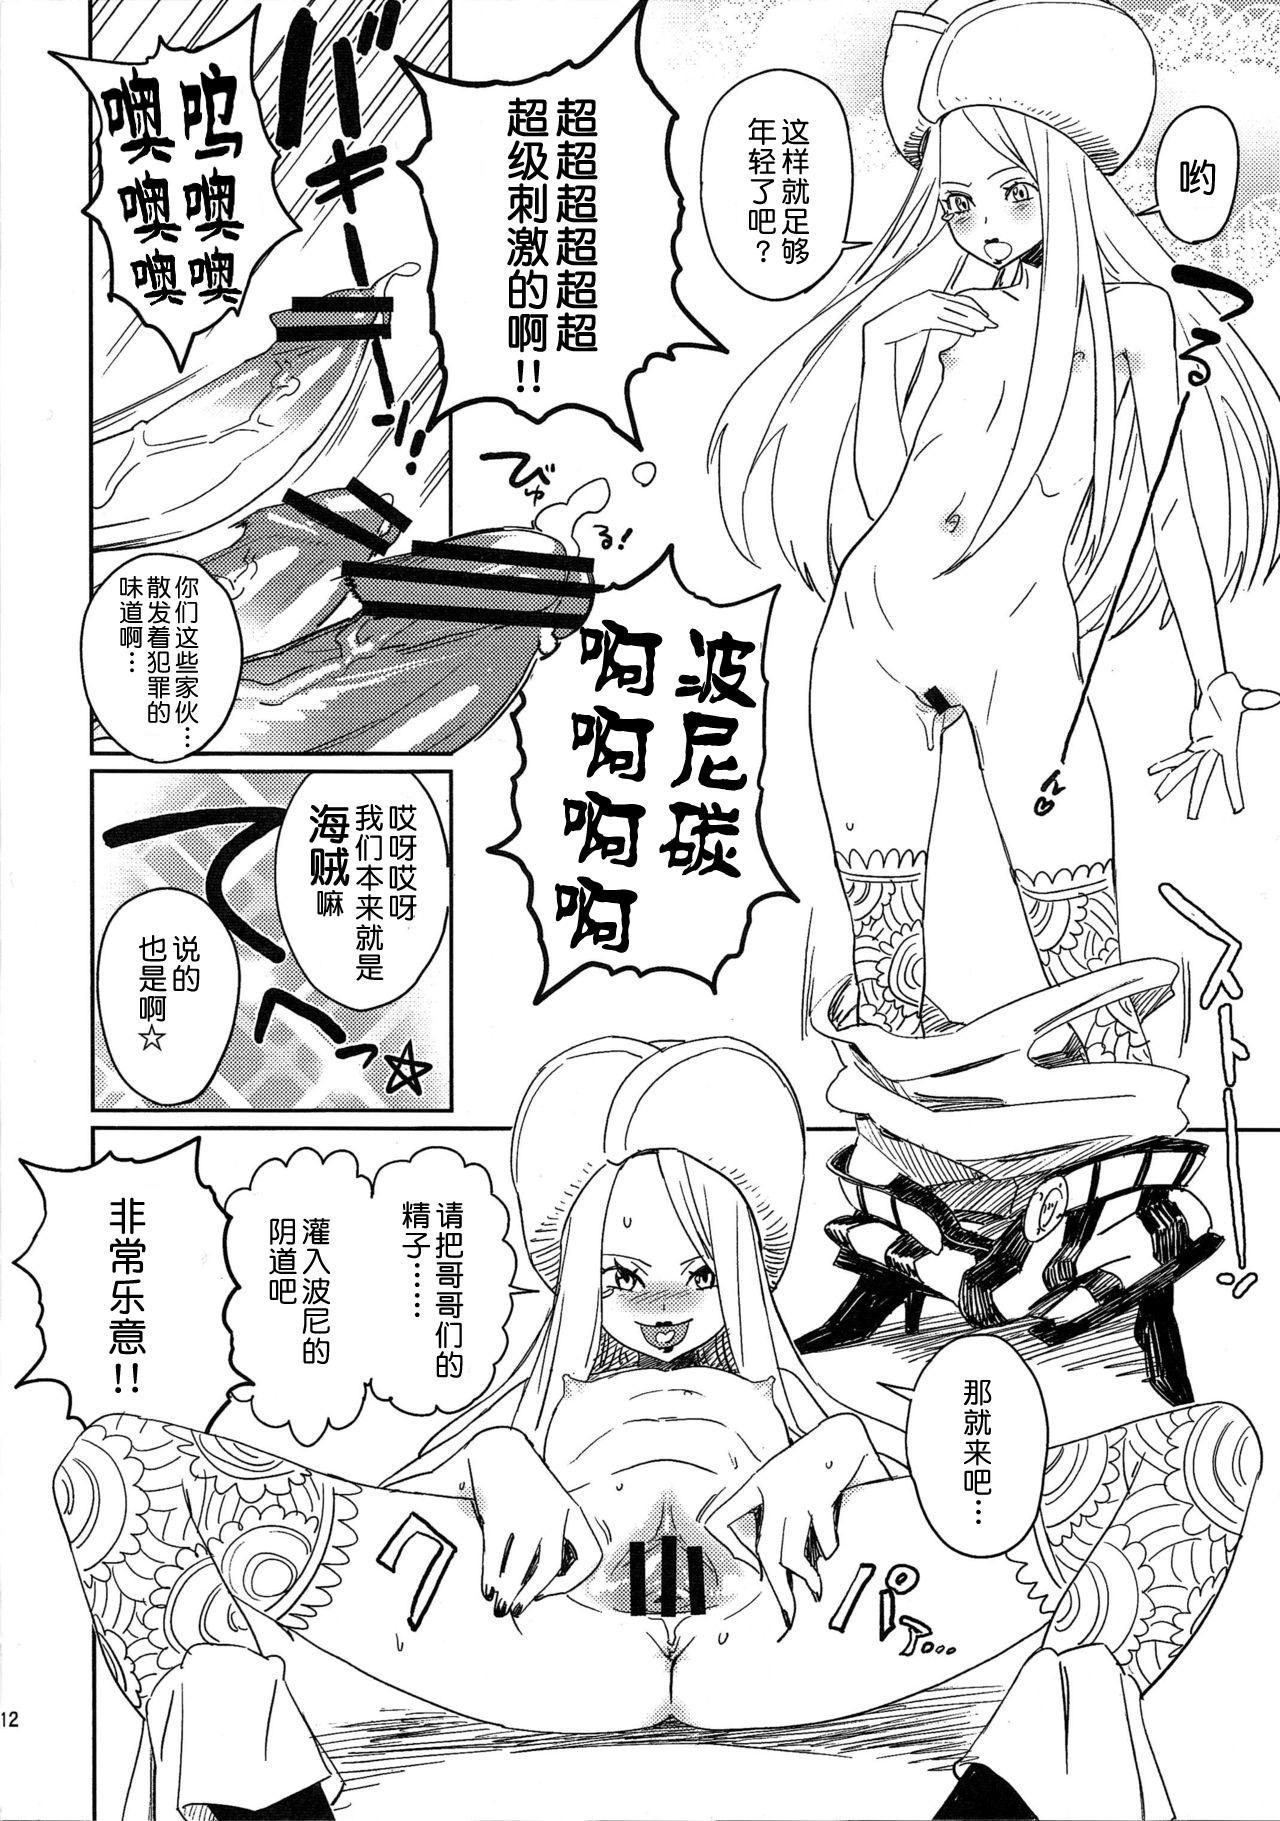 Abura Shoukami Tsukane No.05 140000000 11